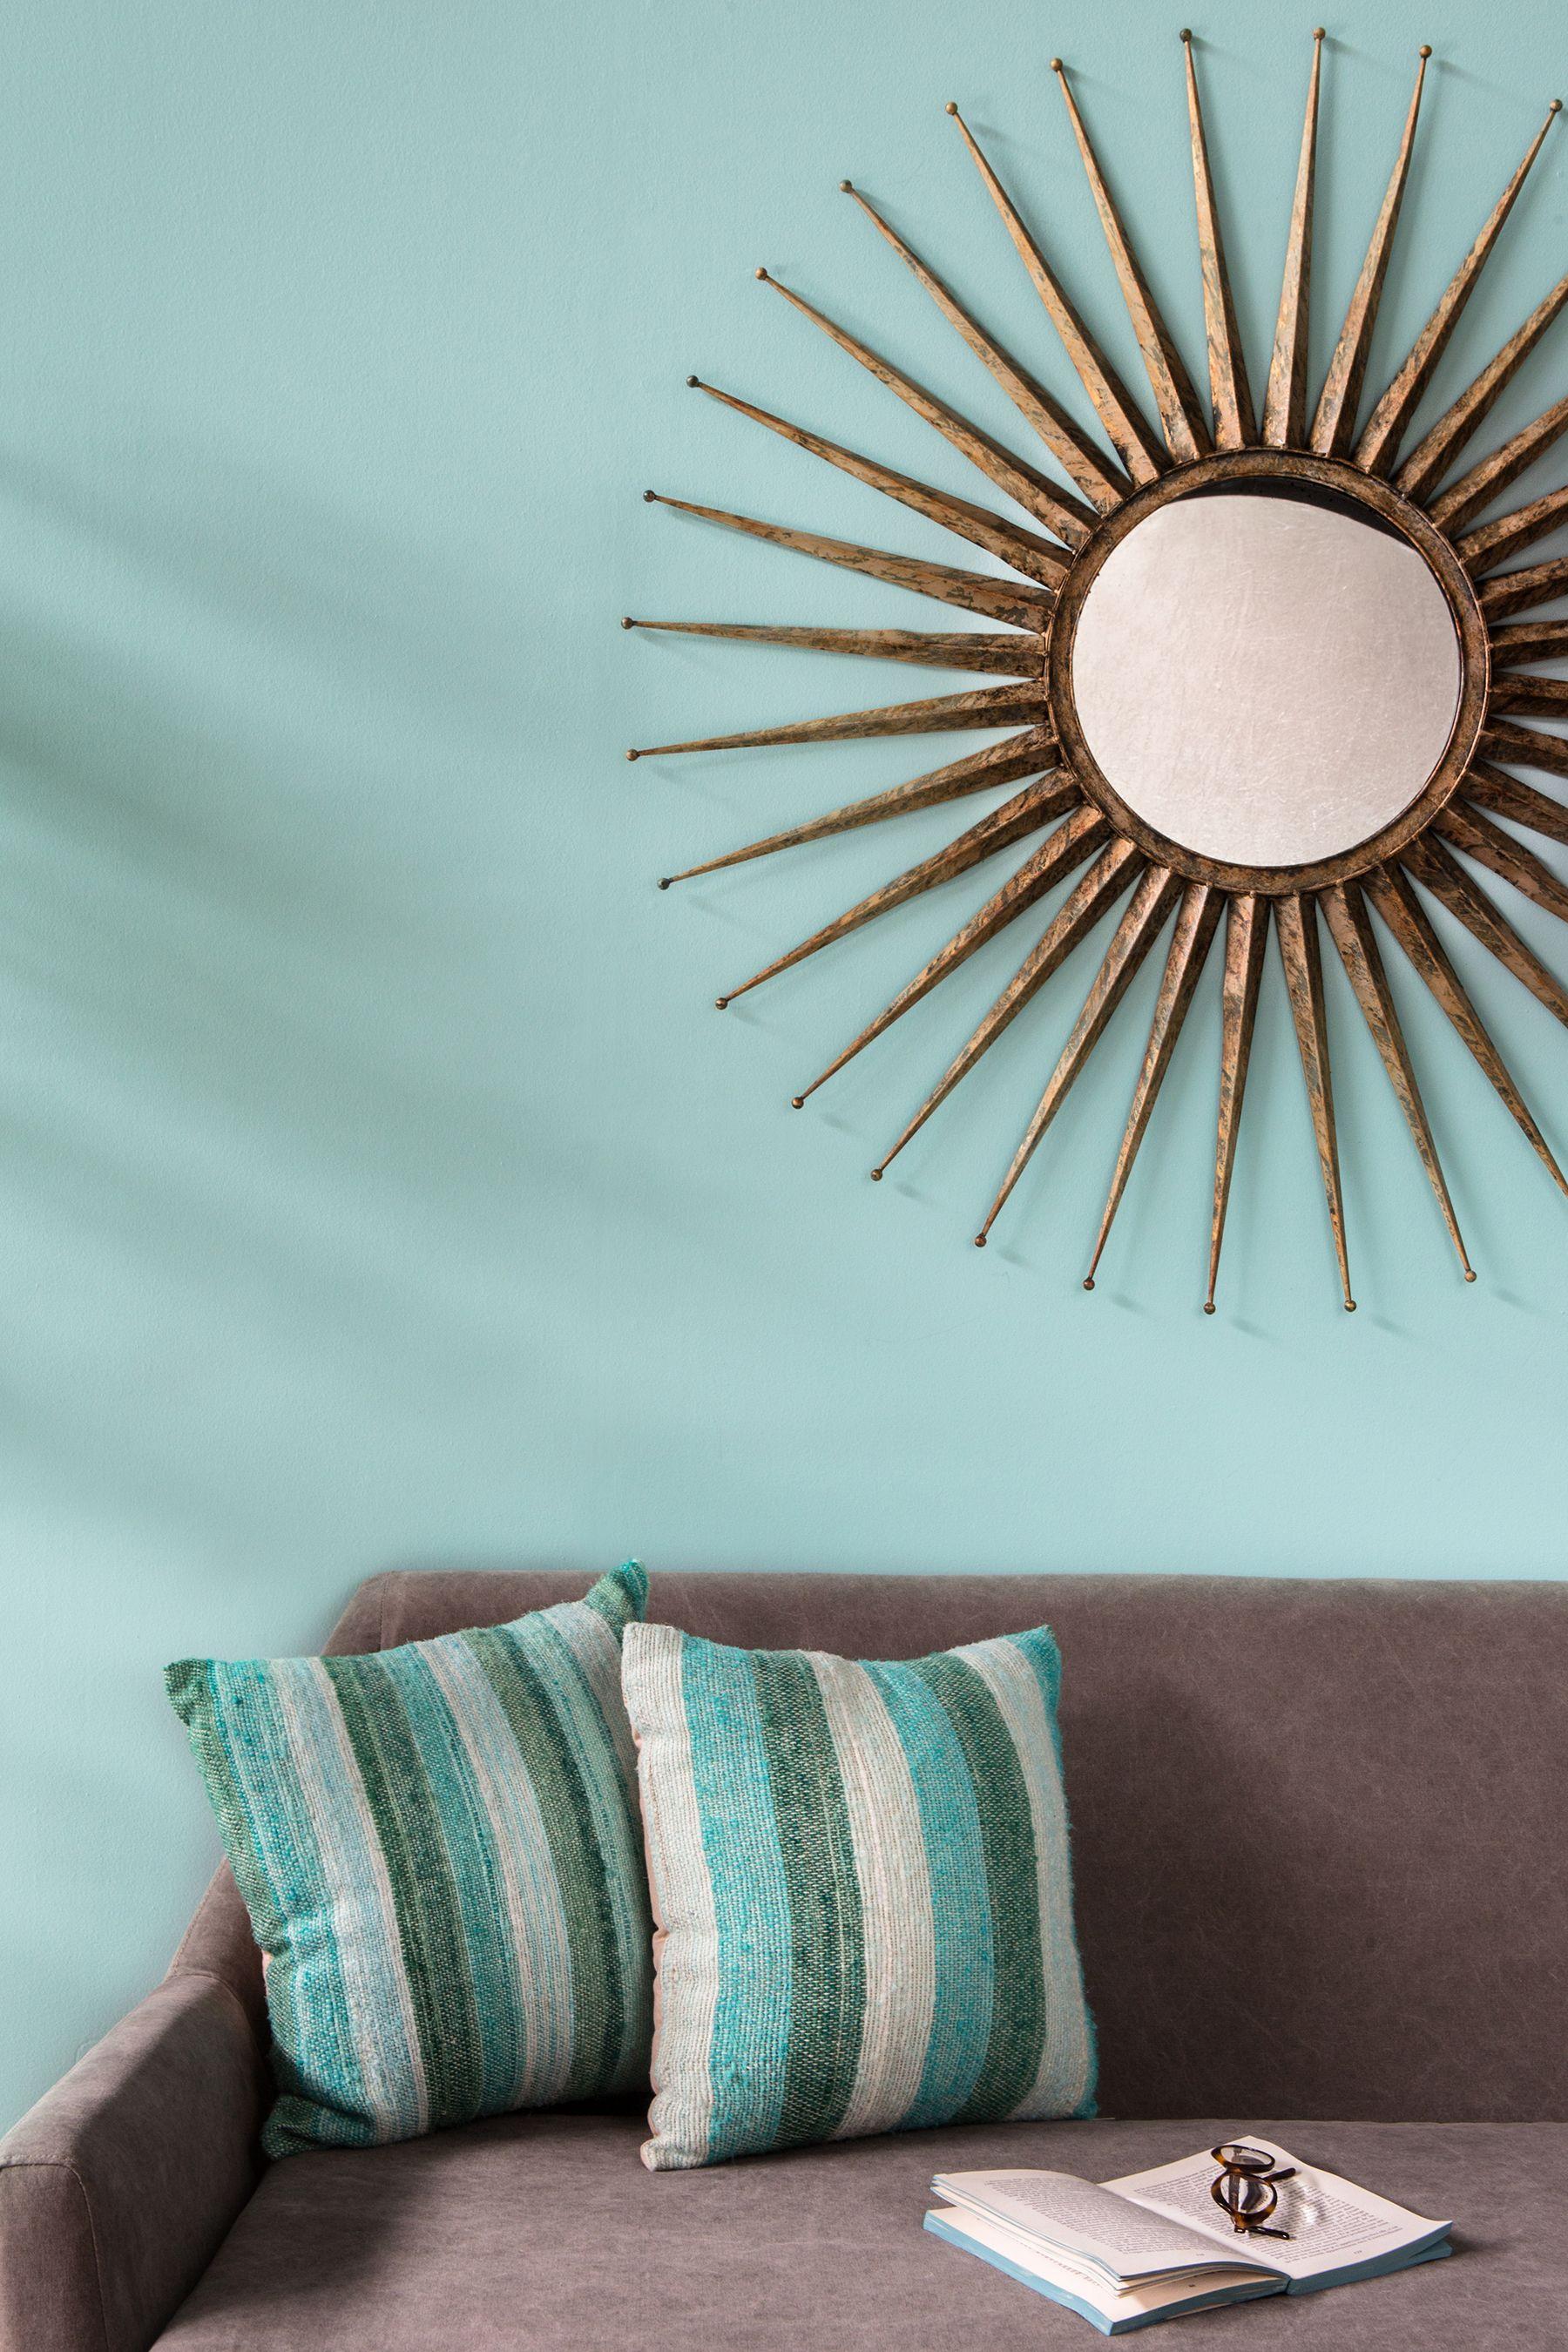 7 nouvelles couleurs flamant en 2018 en 2019 couleurs flamant. Black Bedroom Furniture Sets. Home Design Ideas